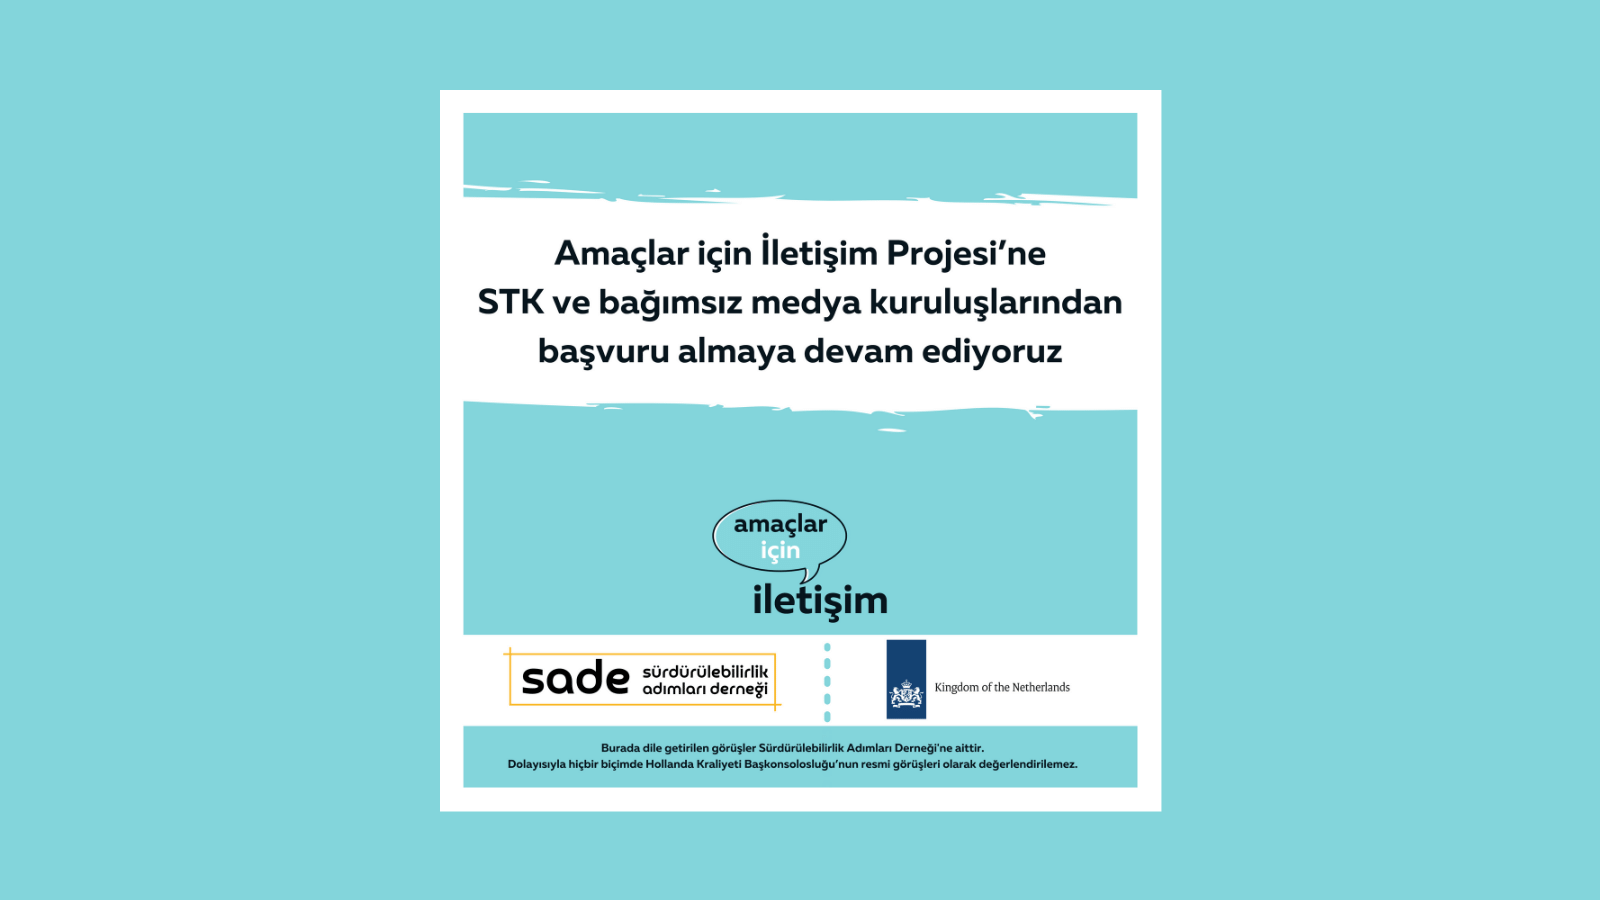 Amaçlar için İletişim Projesi'nin Gönüllülük Programı'na, STK ve bağımsız medya kuruluşlarından başvuru almaya devam ediyoruz